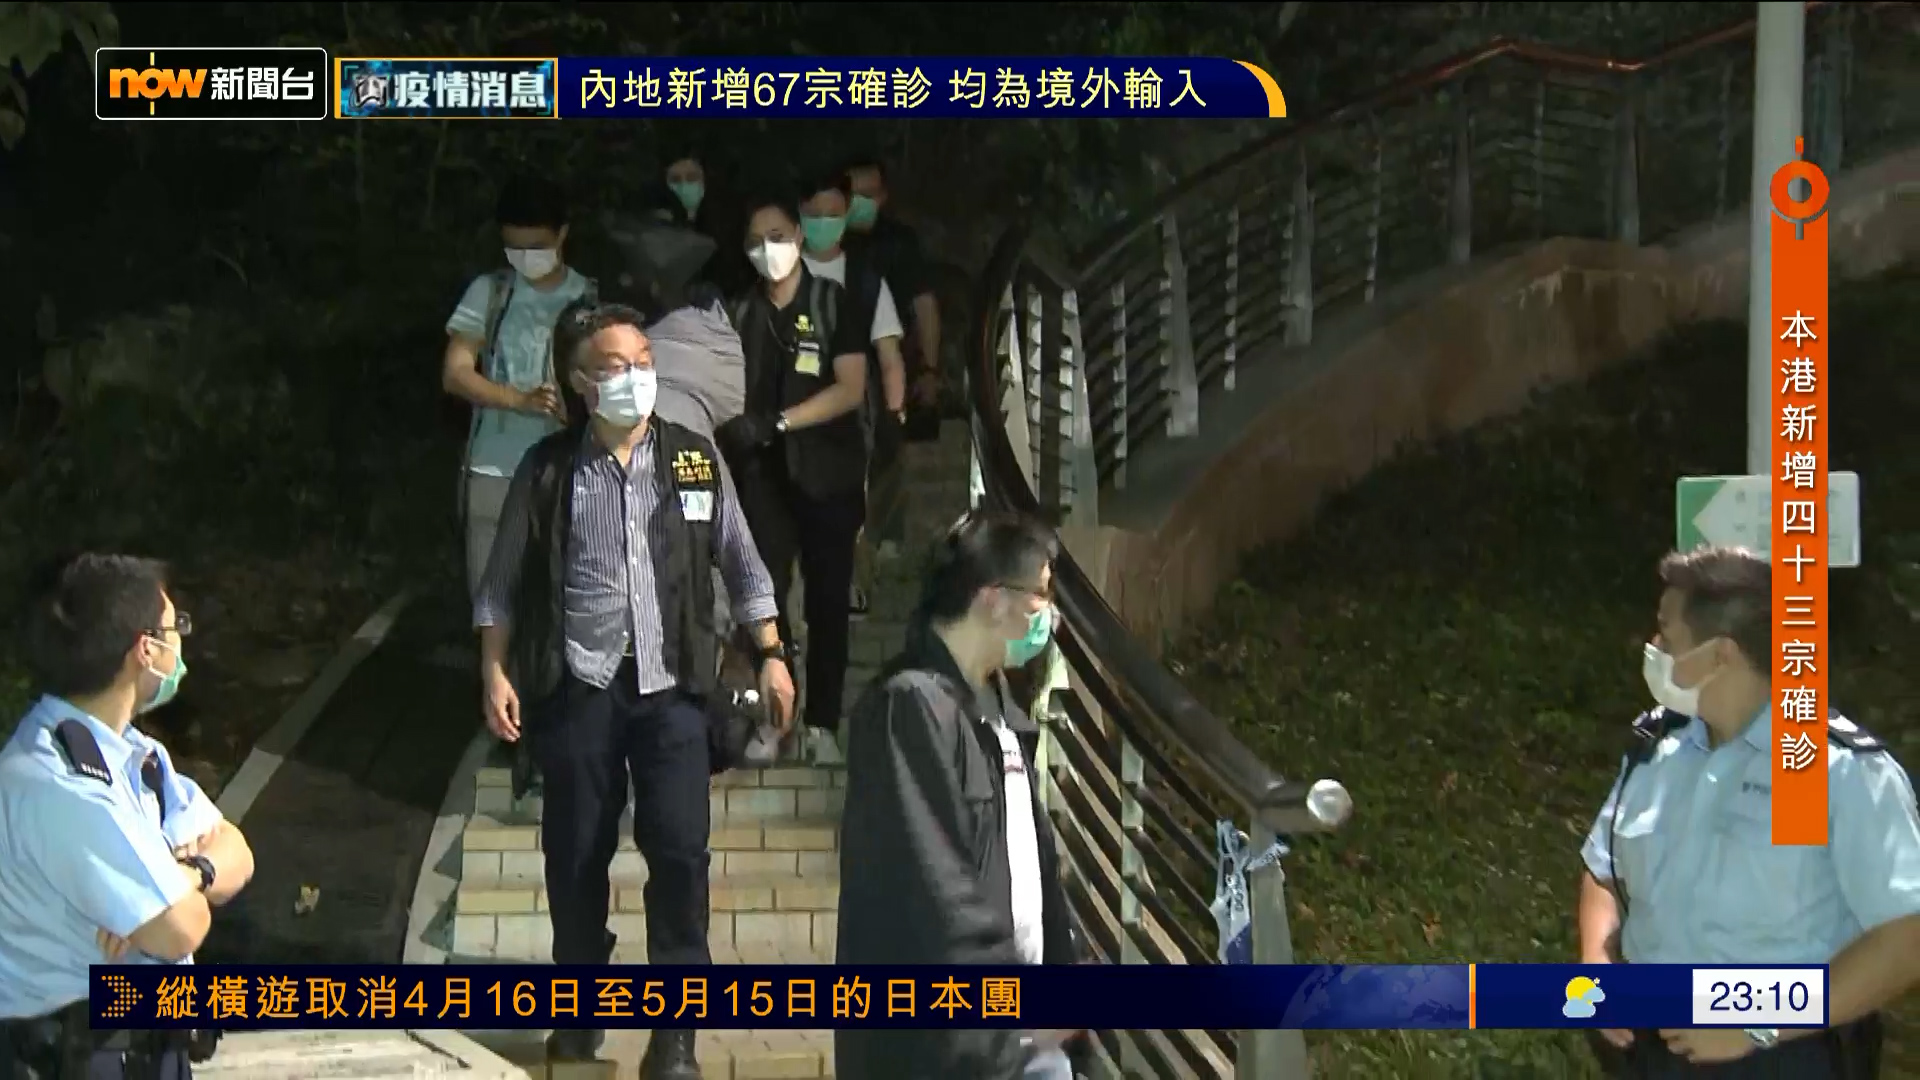 柴灣龍躍徑山邊發現彈藥及武器 多人被捕